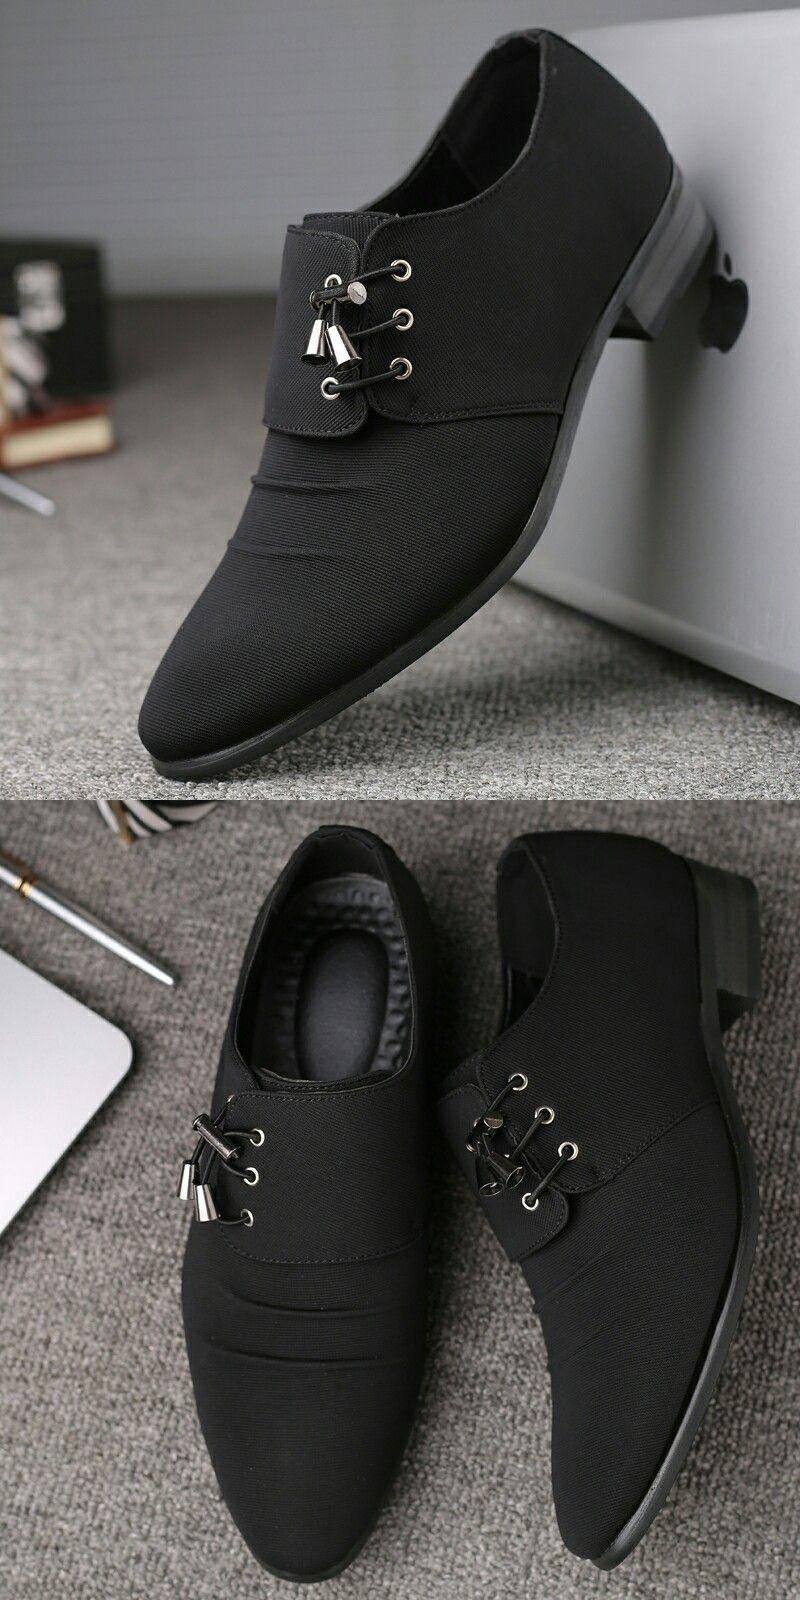 Red dress shoes for wedding  US  ucClick to buyue Ectic Elegant Design Handsome Men Oxford